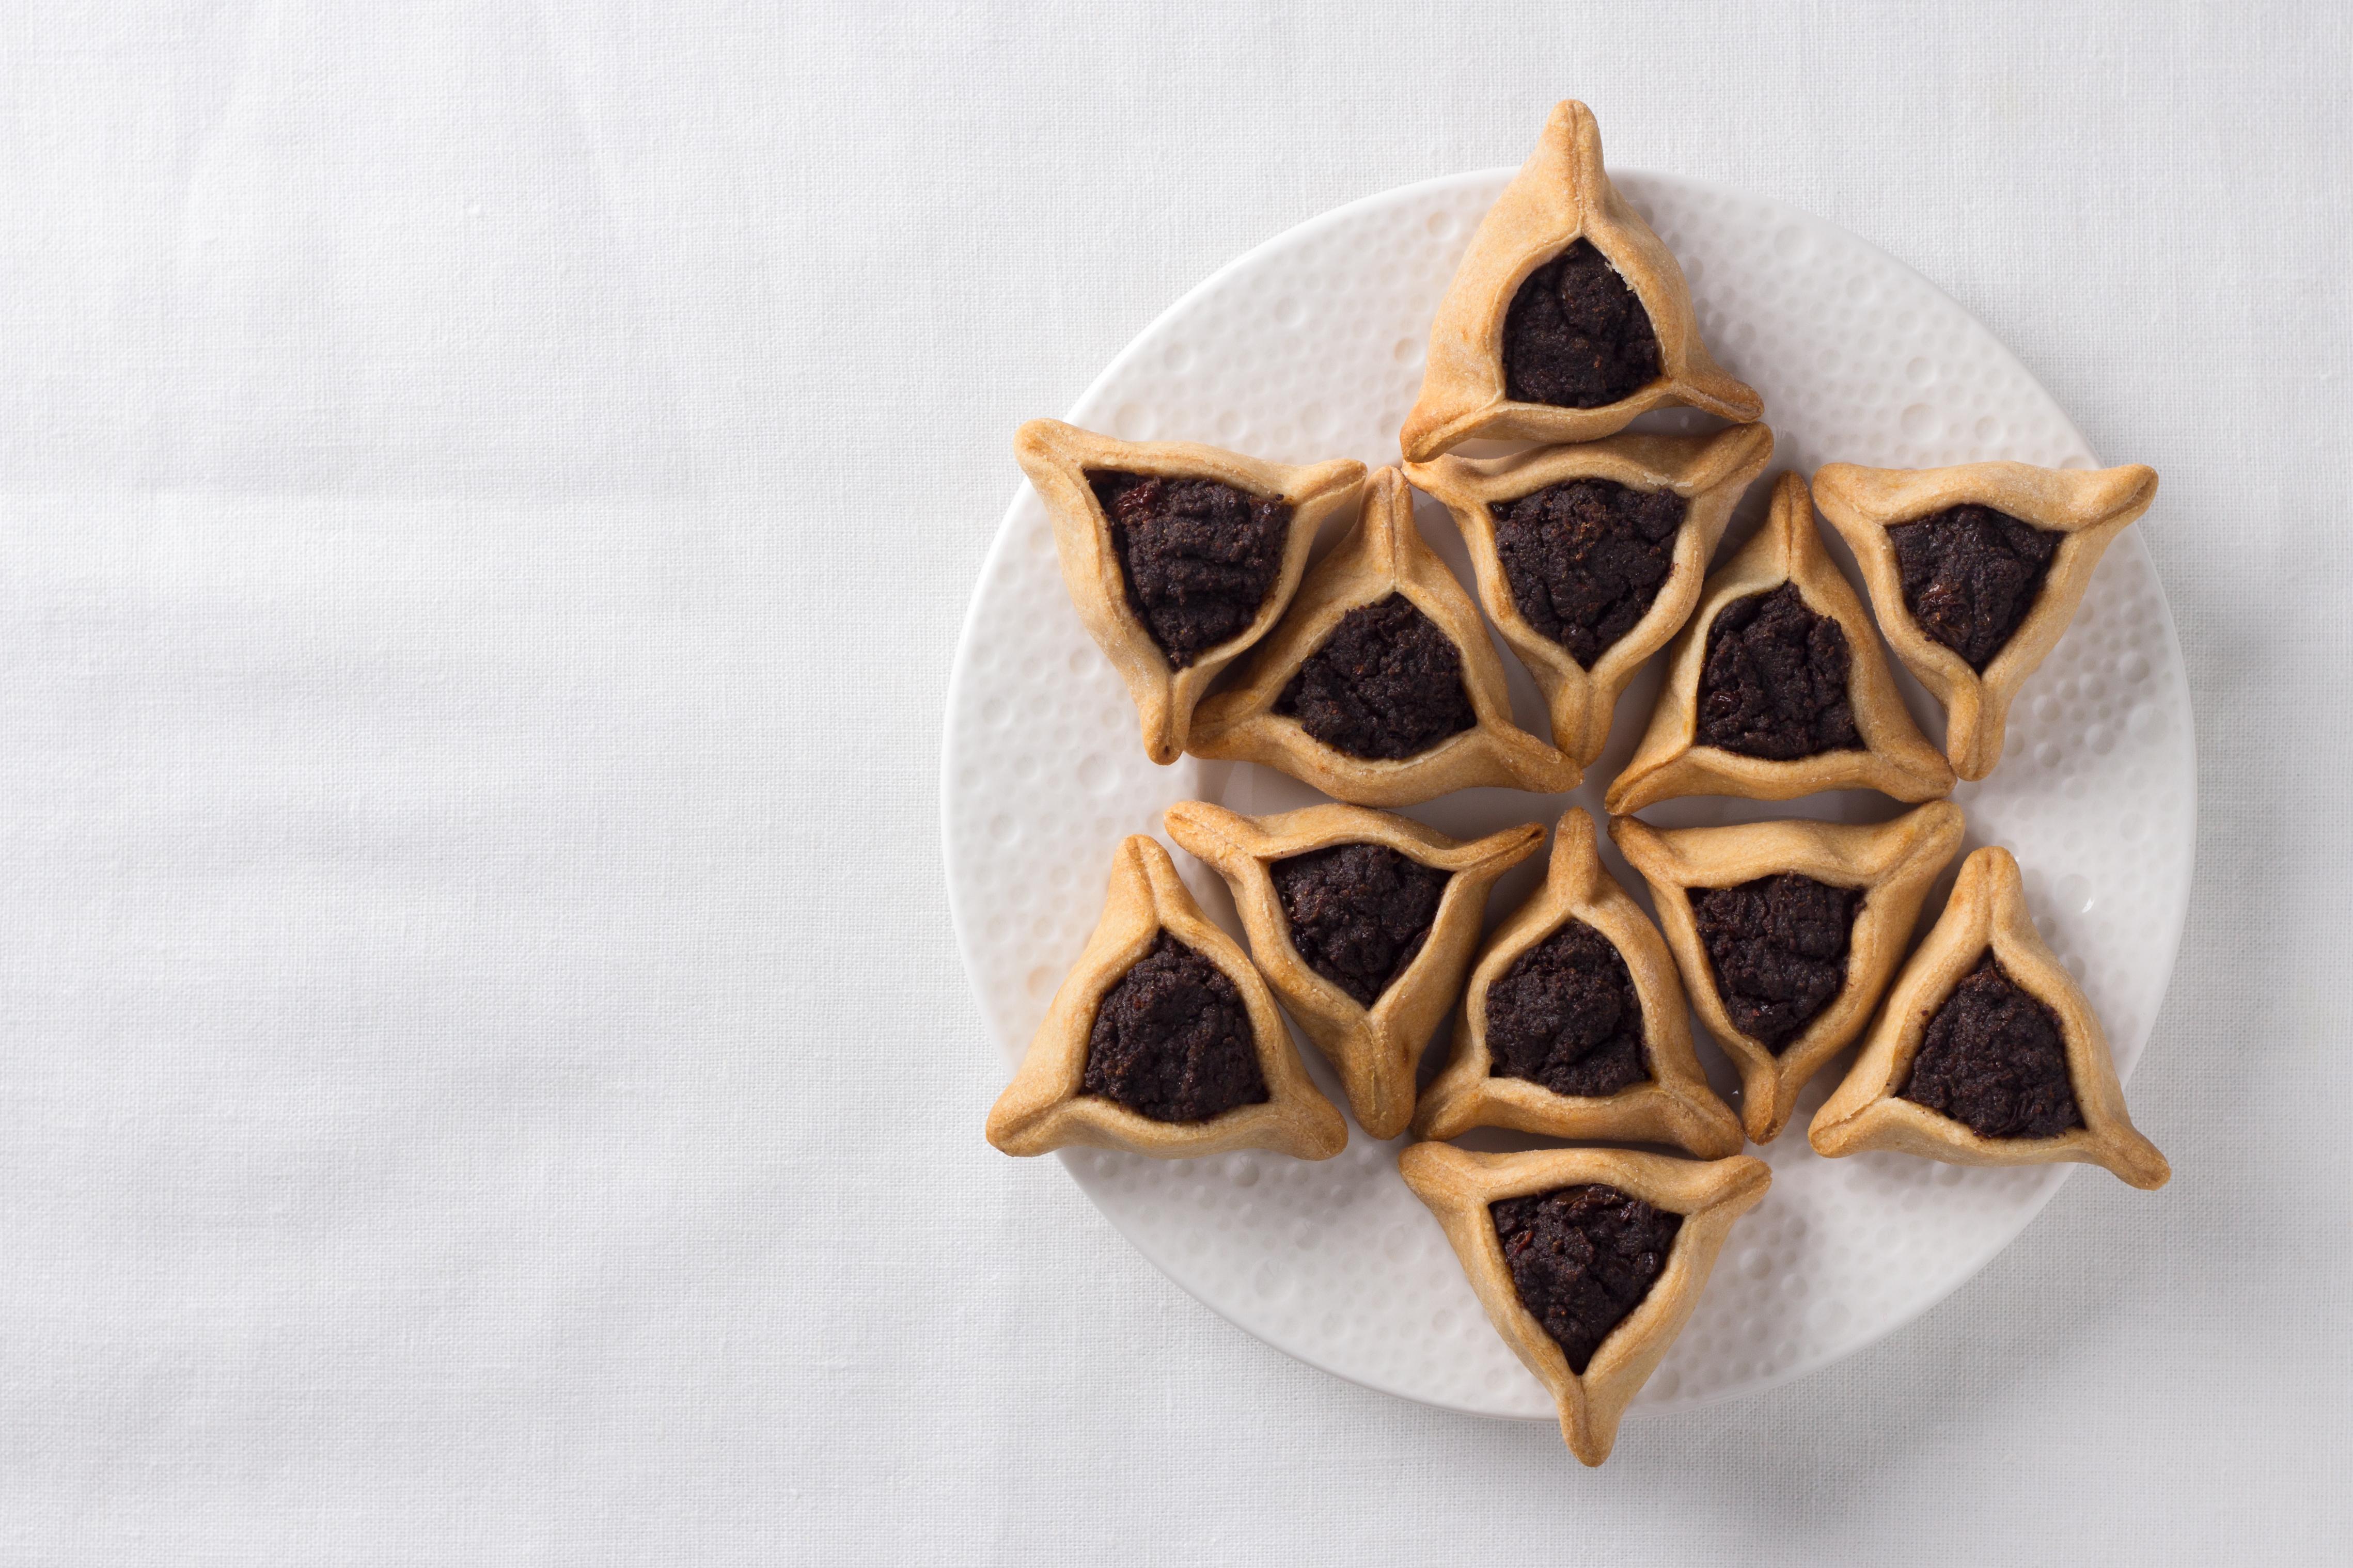 Єврейська кухня: чому її варто полюбити і що з неї можна приготувати